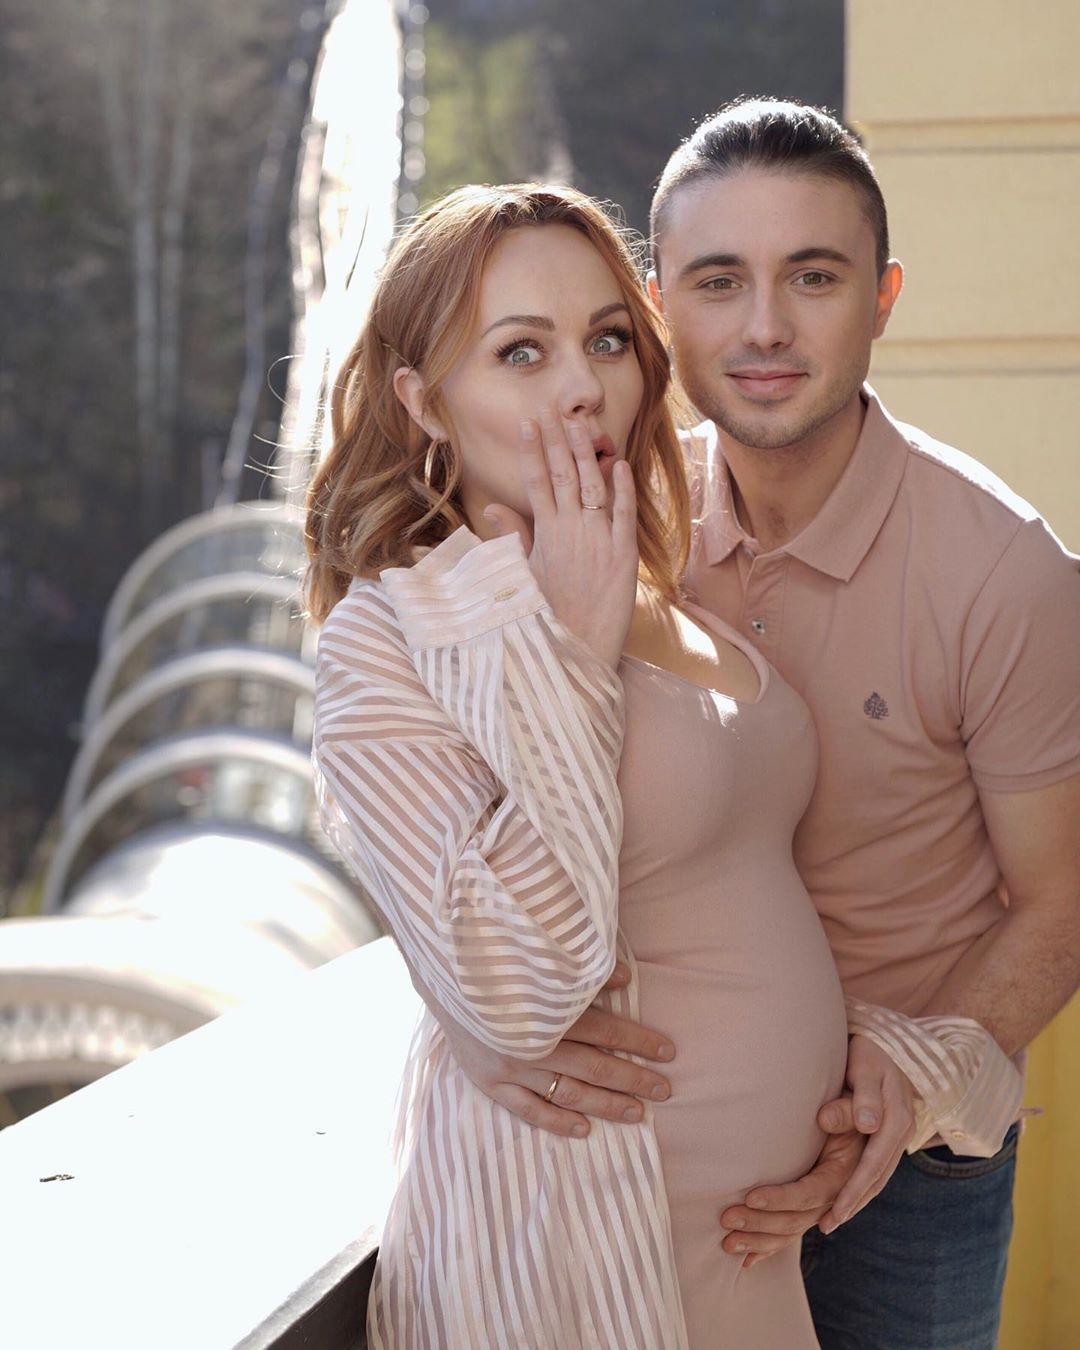 Тарас Тополя може записати спільну пісню з дружиною / фото instagram.com/alyoshasinger